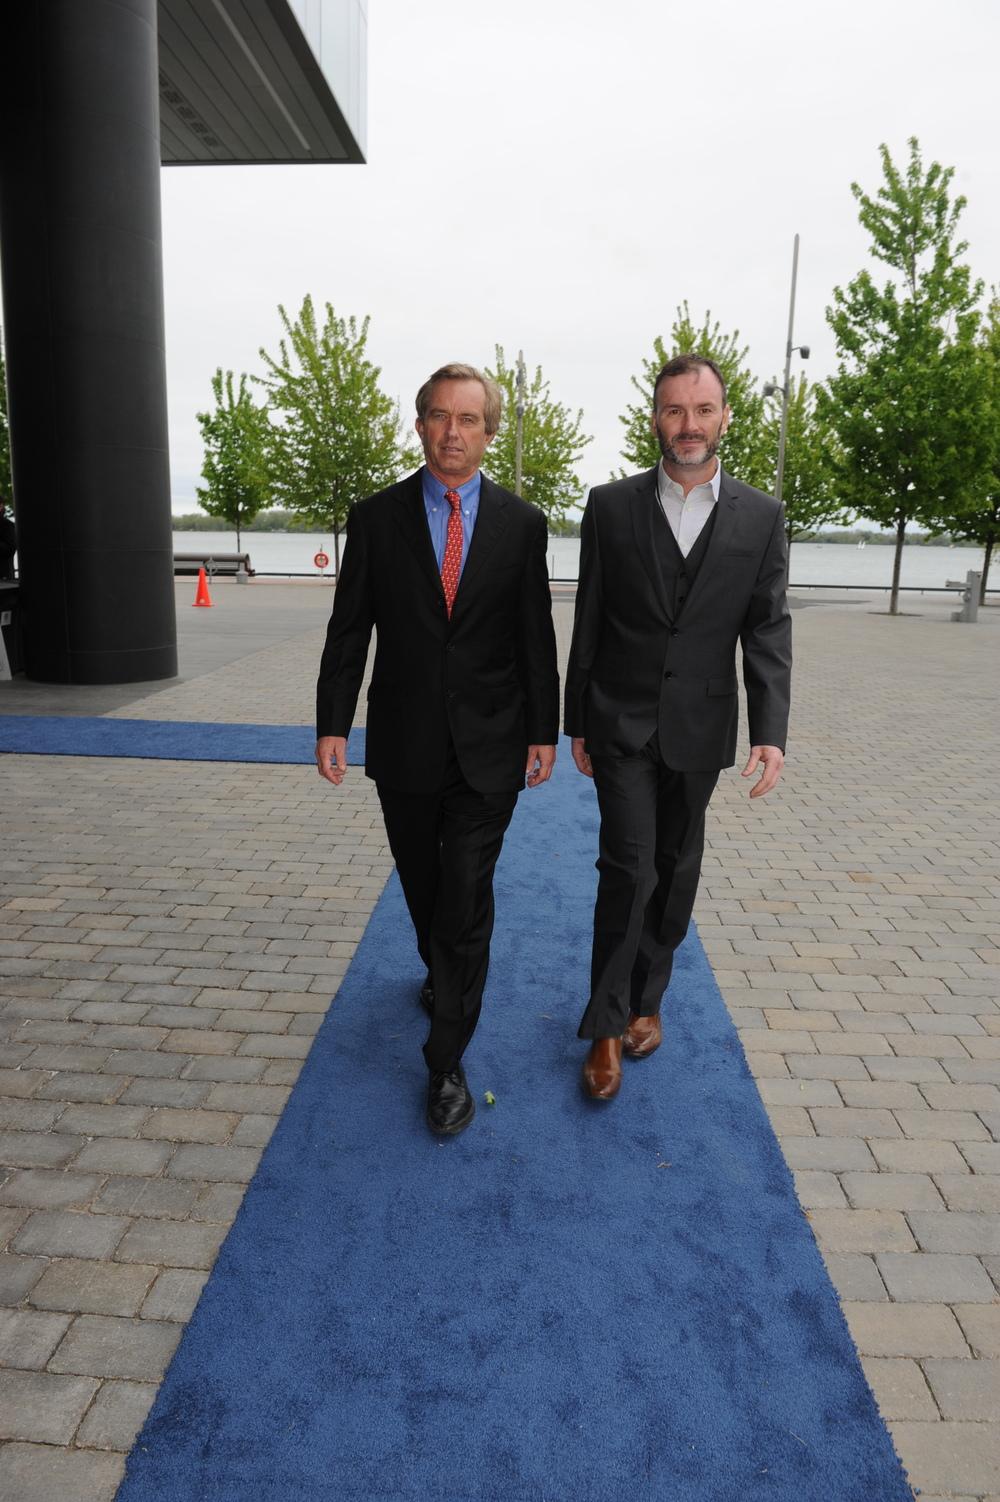 Robert F. Kennedy, Jr. (left) and Waterkeeper Mark Mattson enter the 2013 Waterkeeper Gala at Corus Quay.